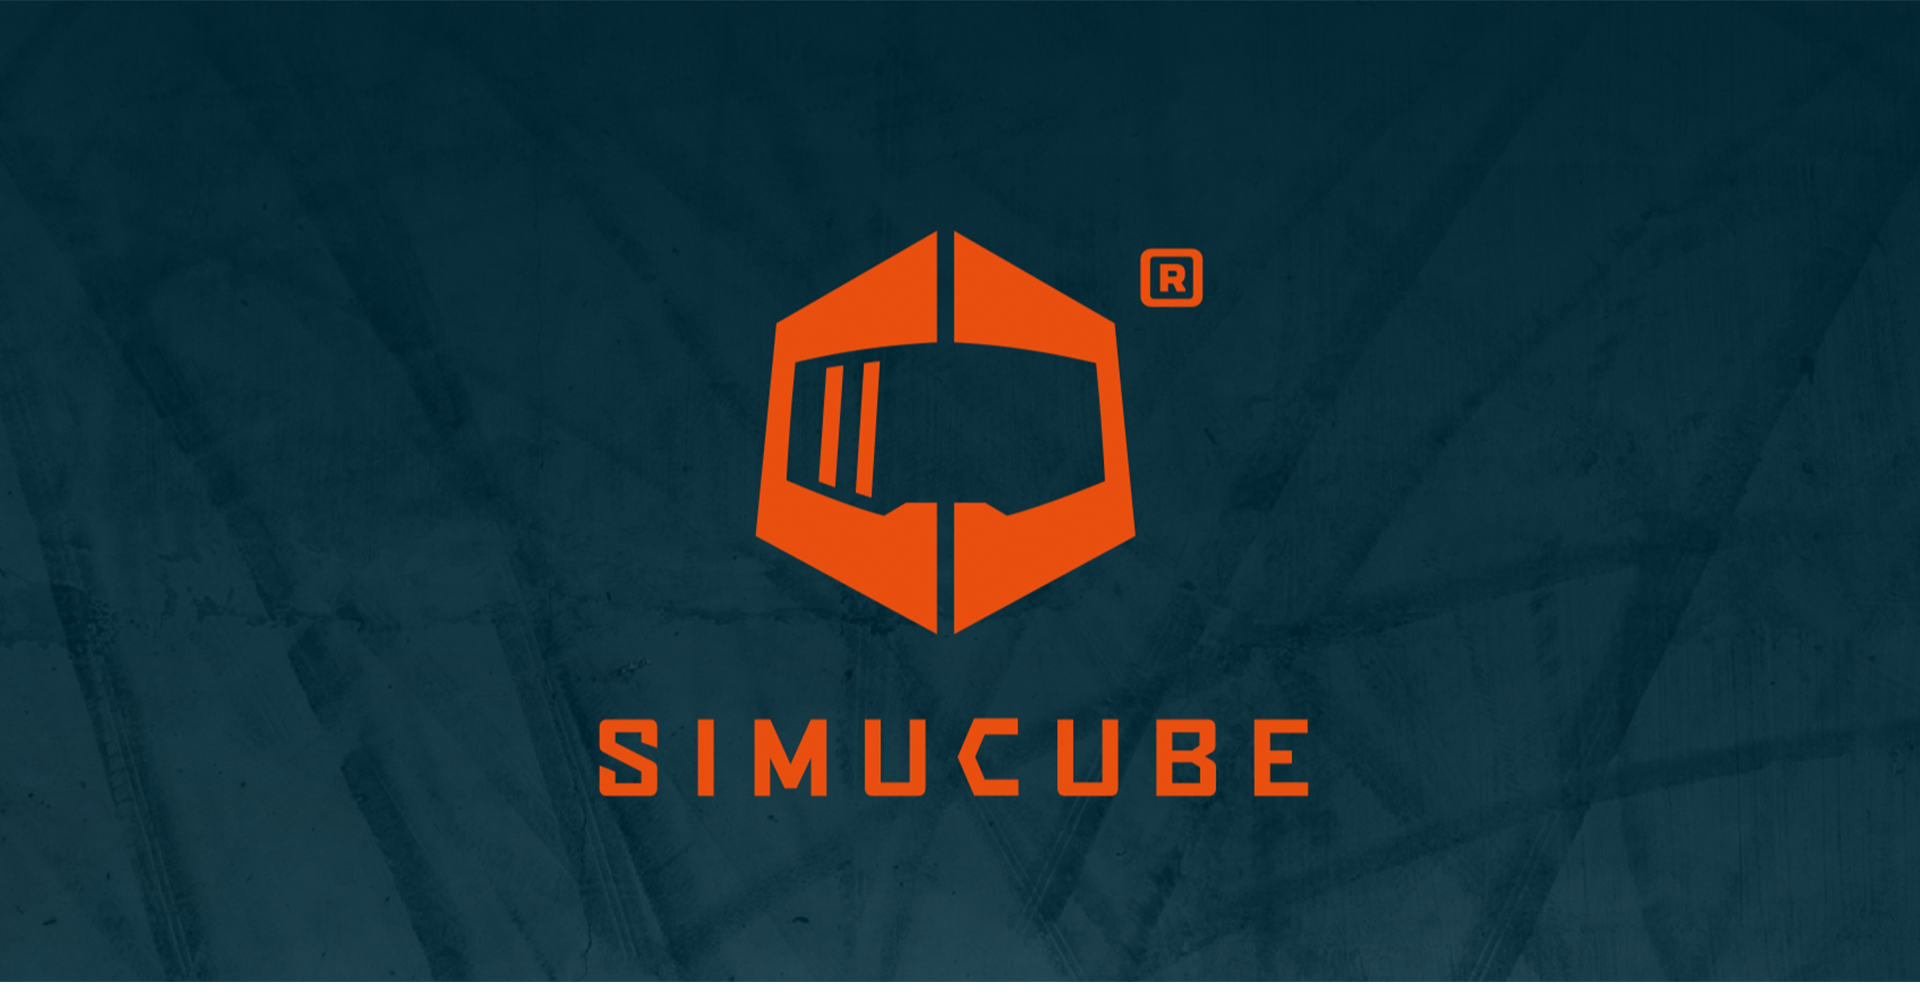 kategorie_simucube_20213VuQv4ci4SgSQ